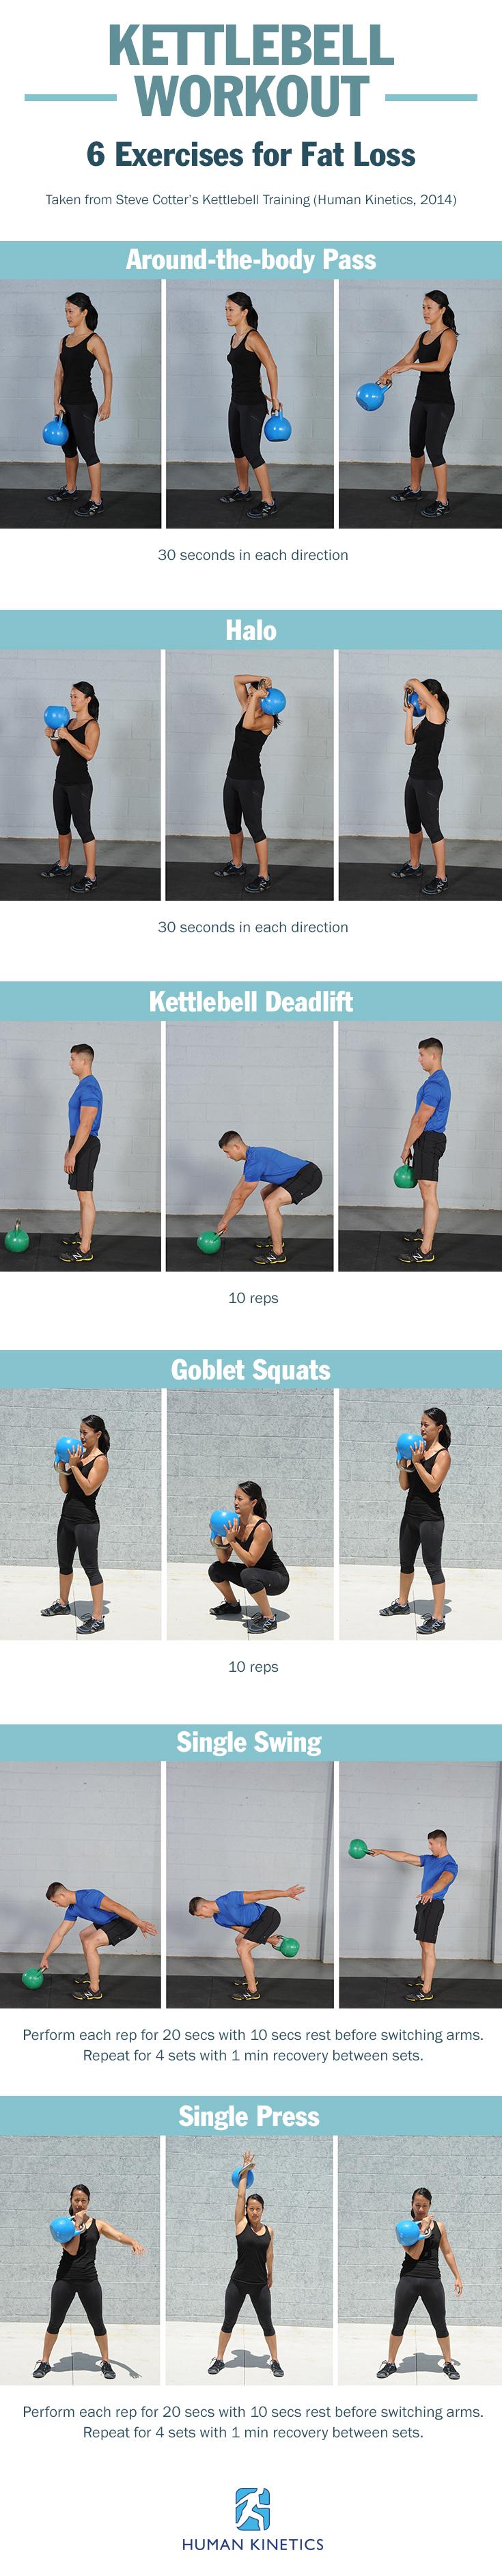 6 Kettlebell Exercises for Fat Loss